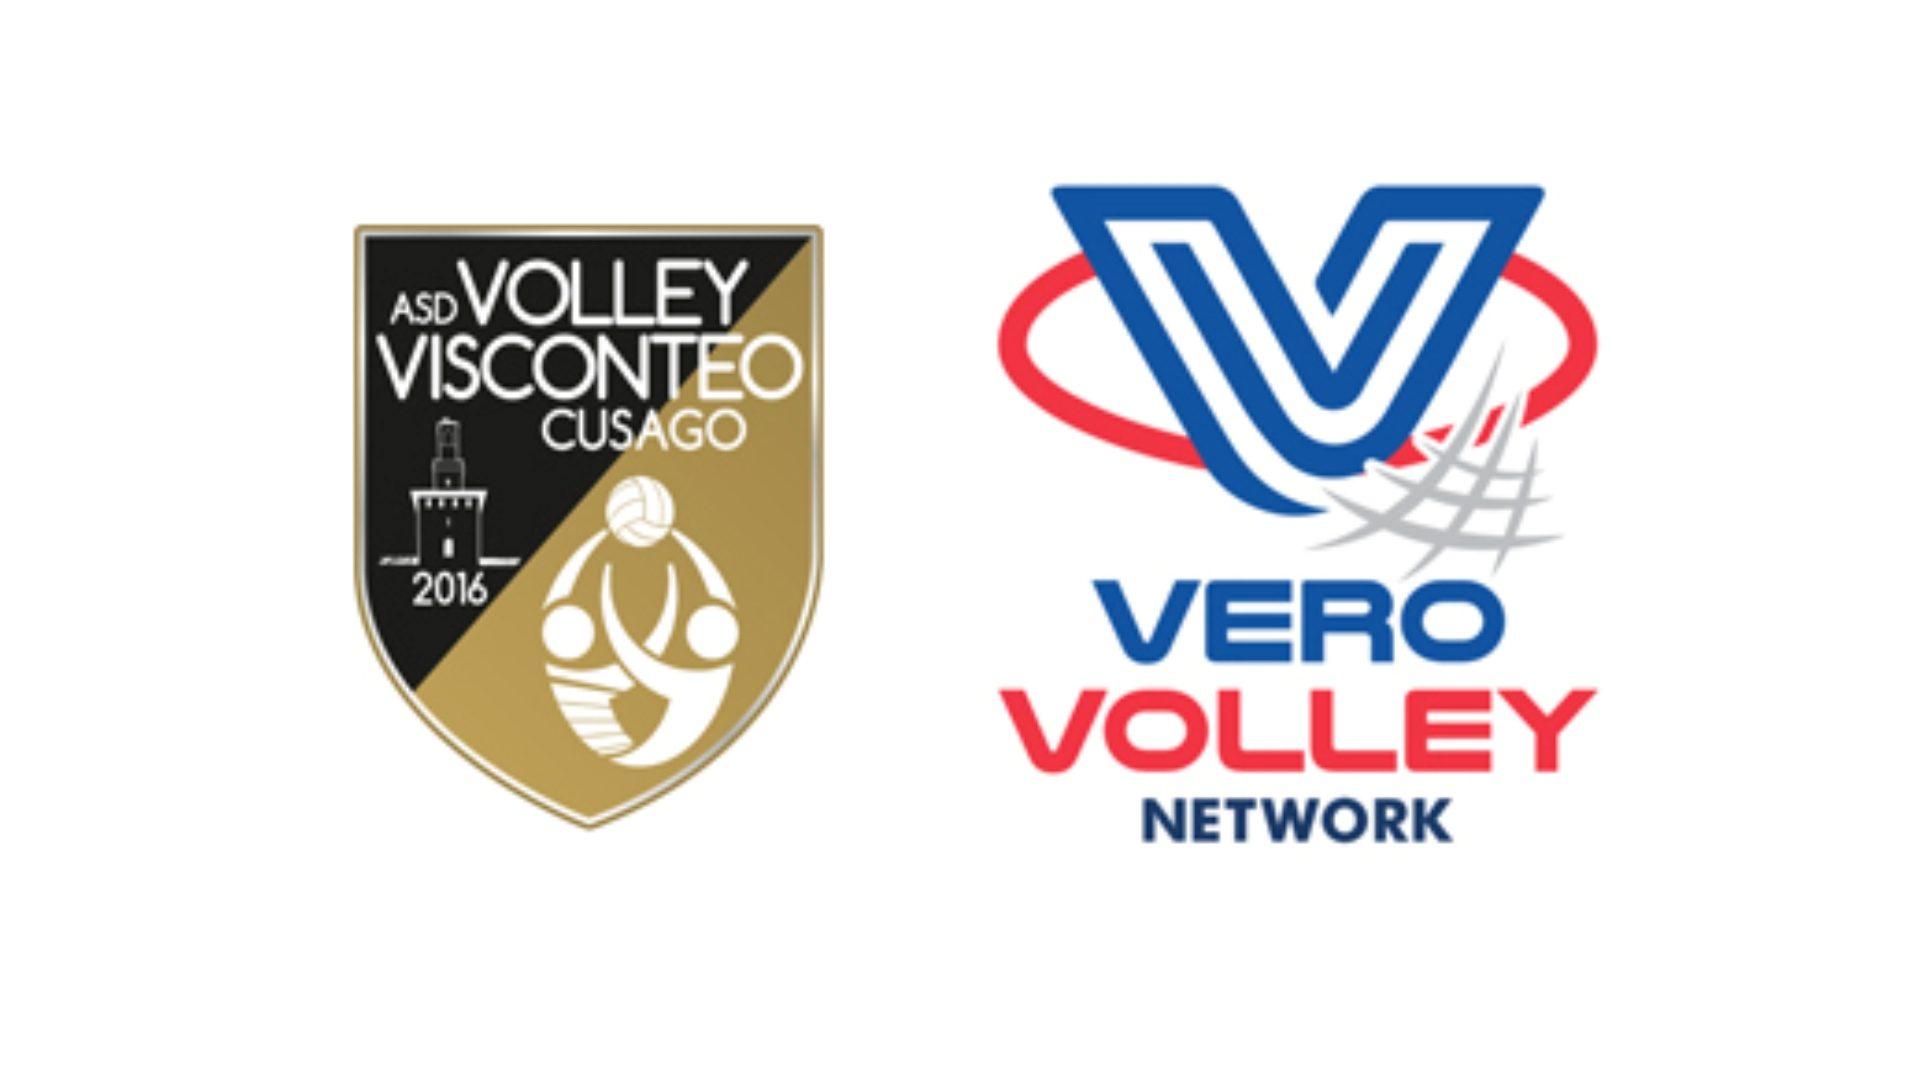 cusago-volley1920